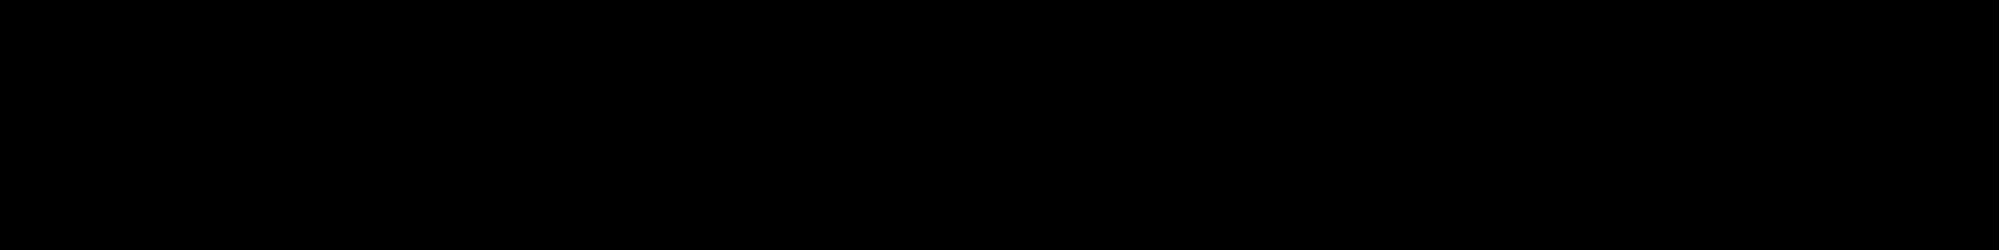 Logo of Daimler